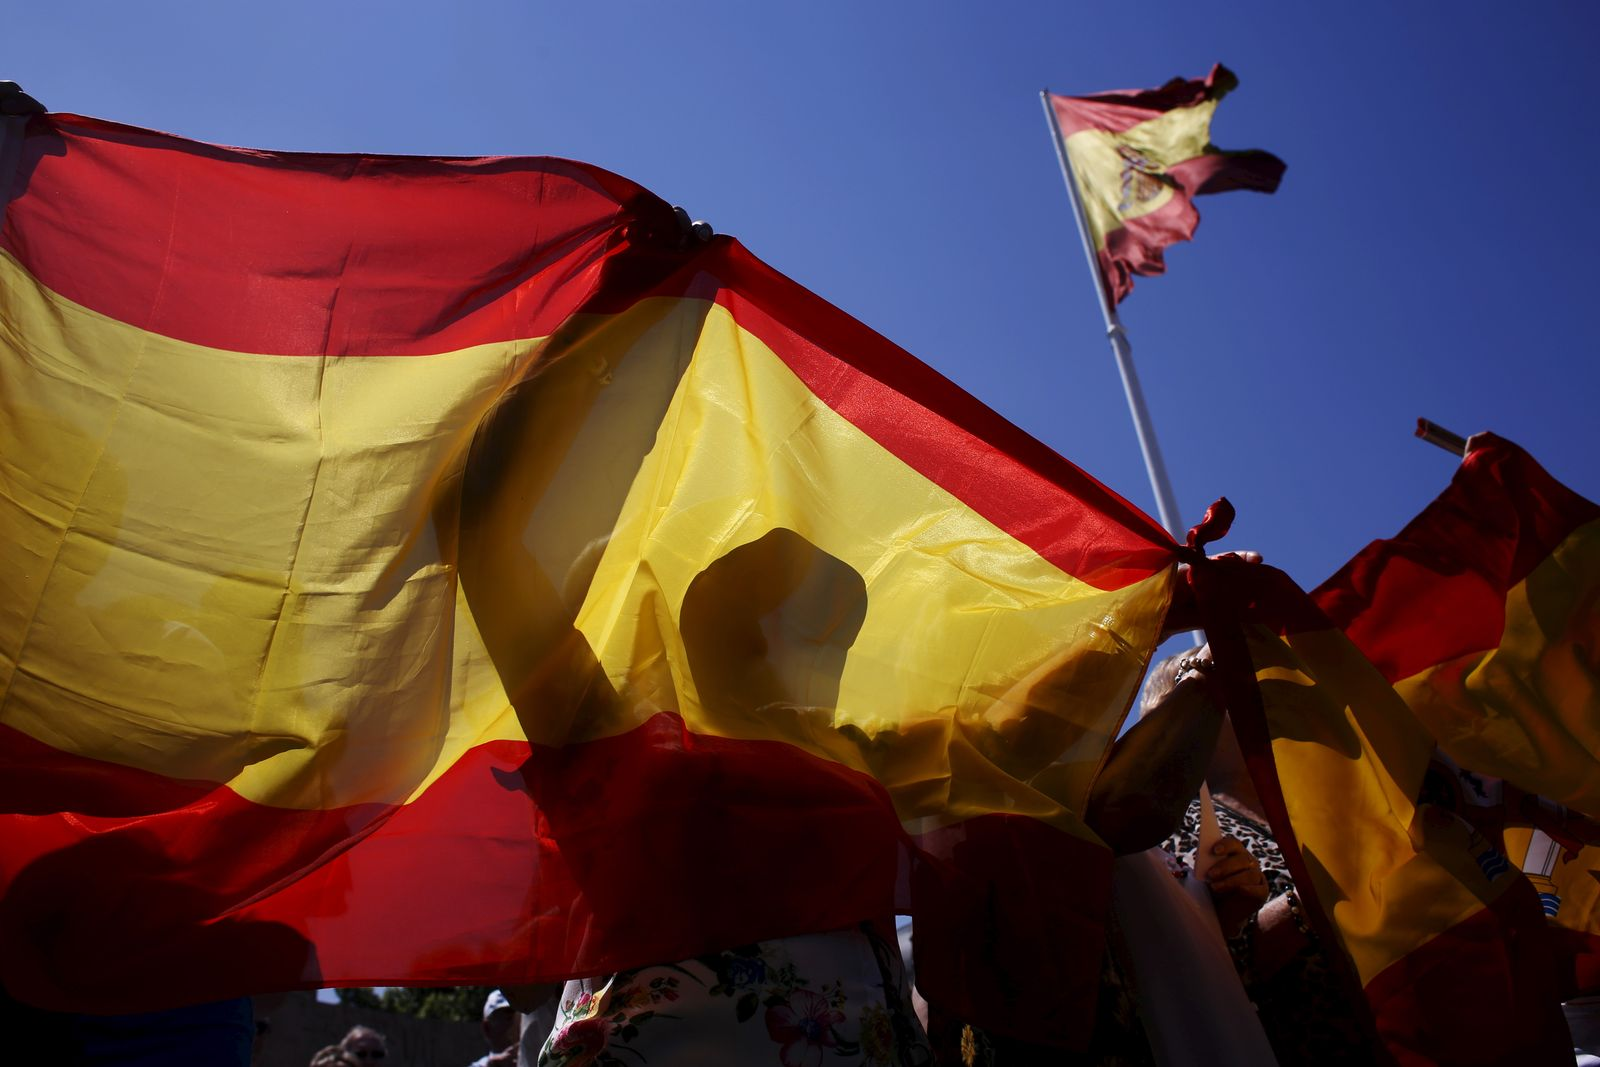 Spanien / Flagge